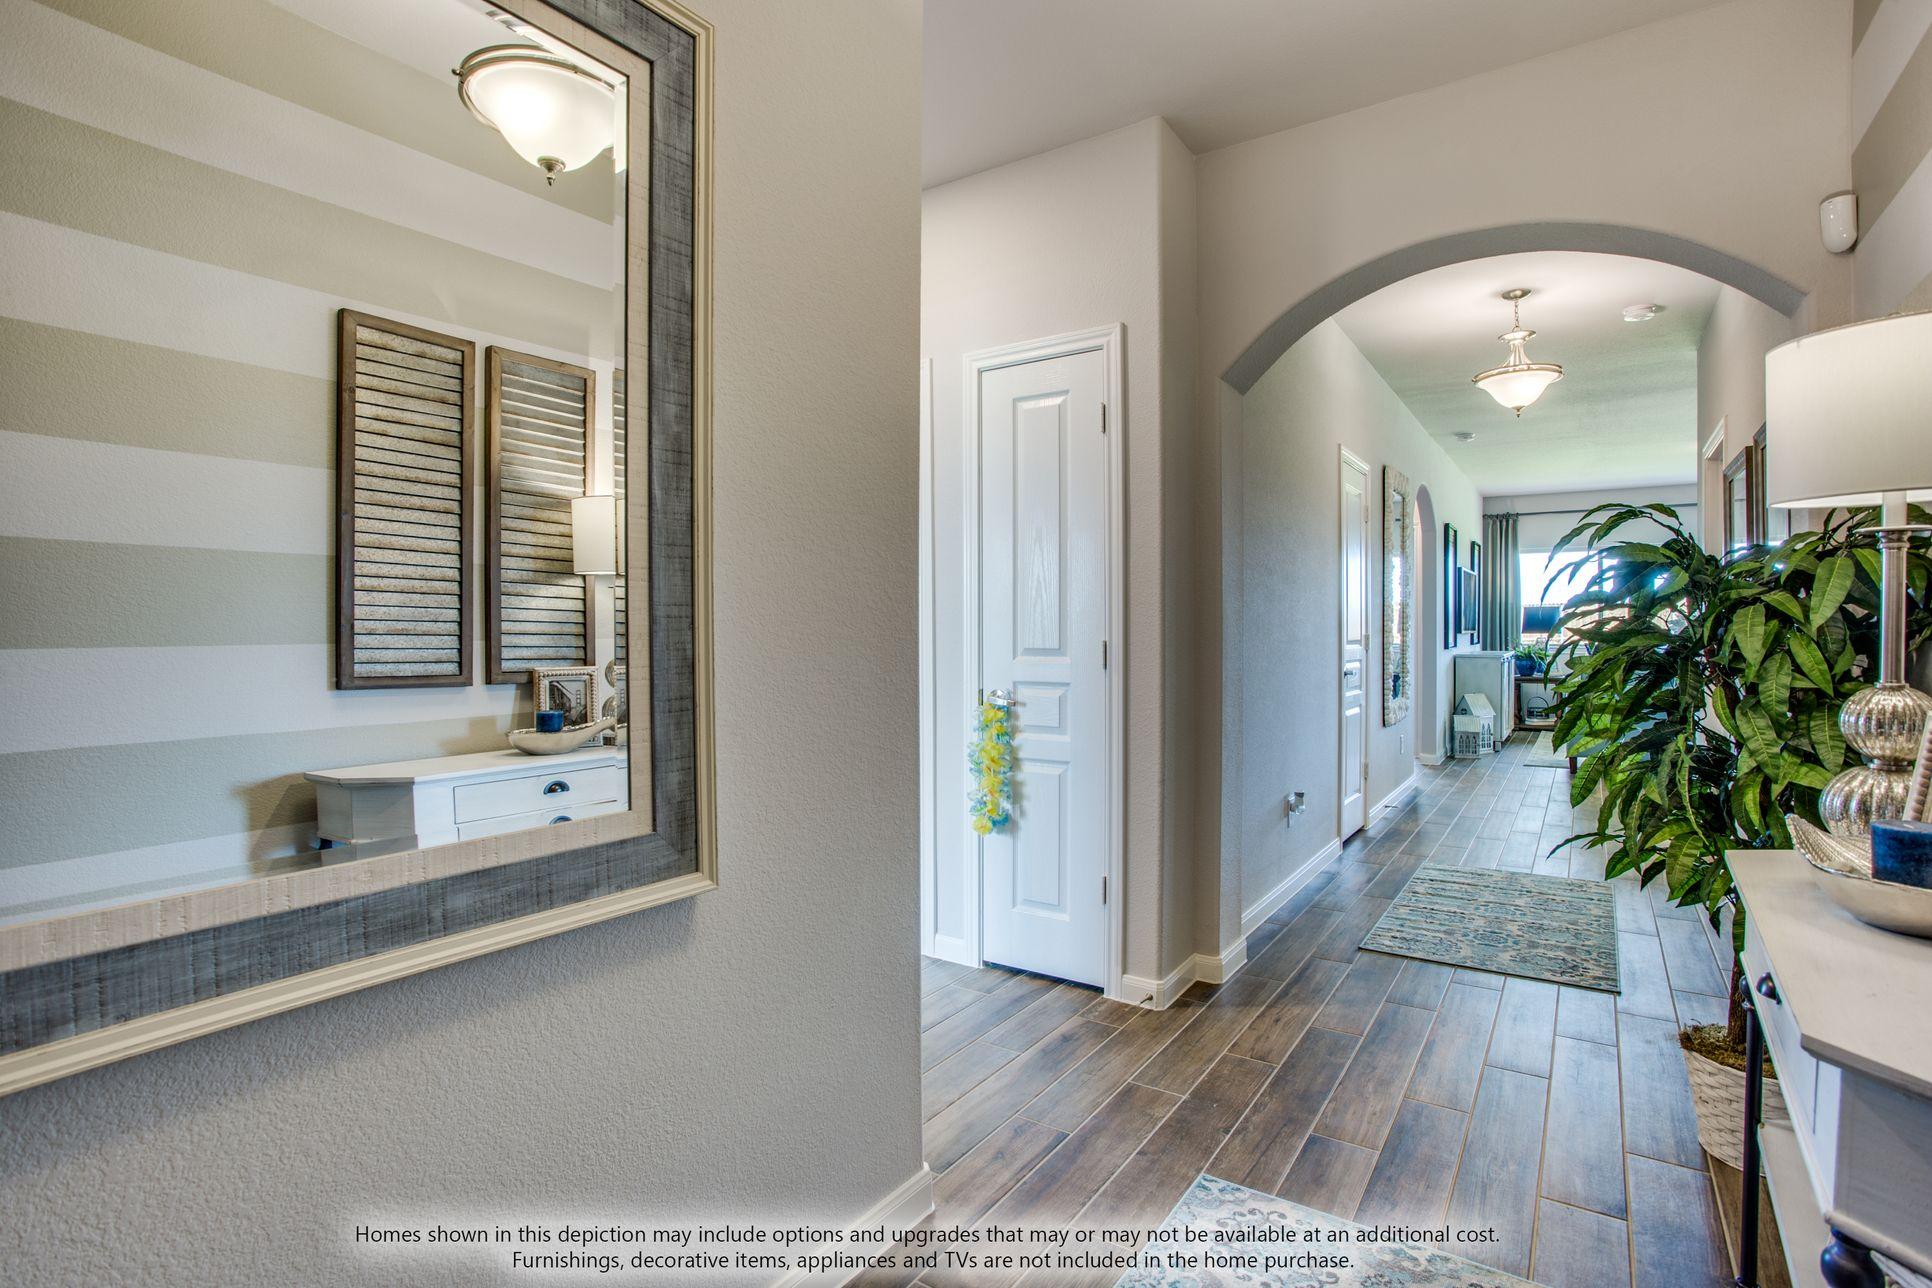 Foyer:Camellia Foyer